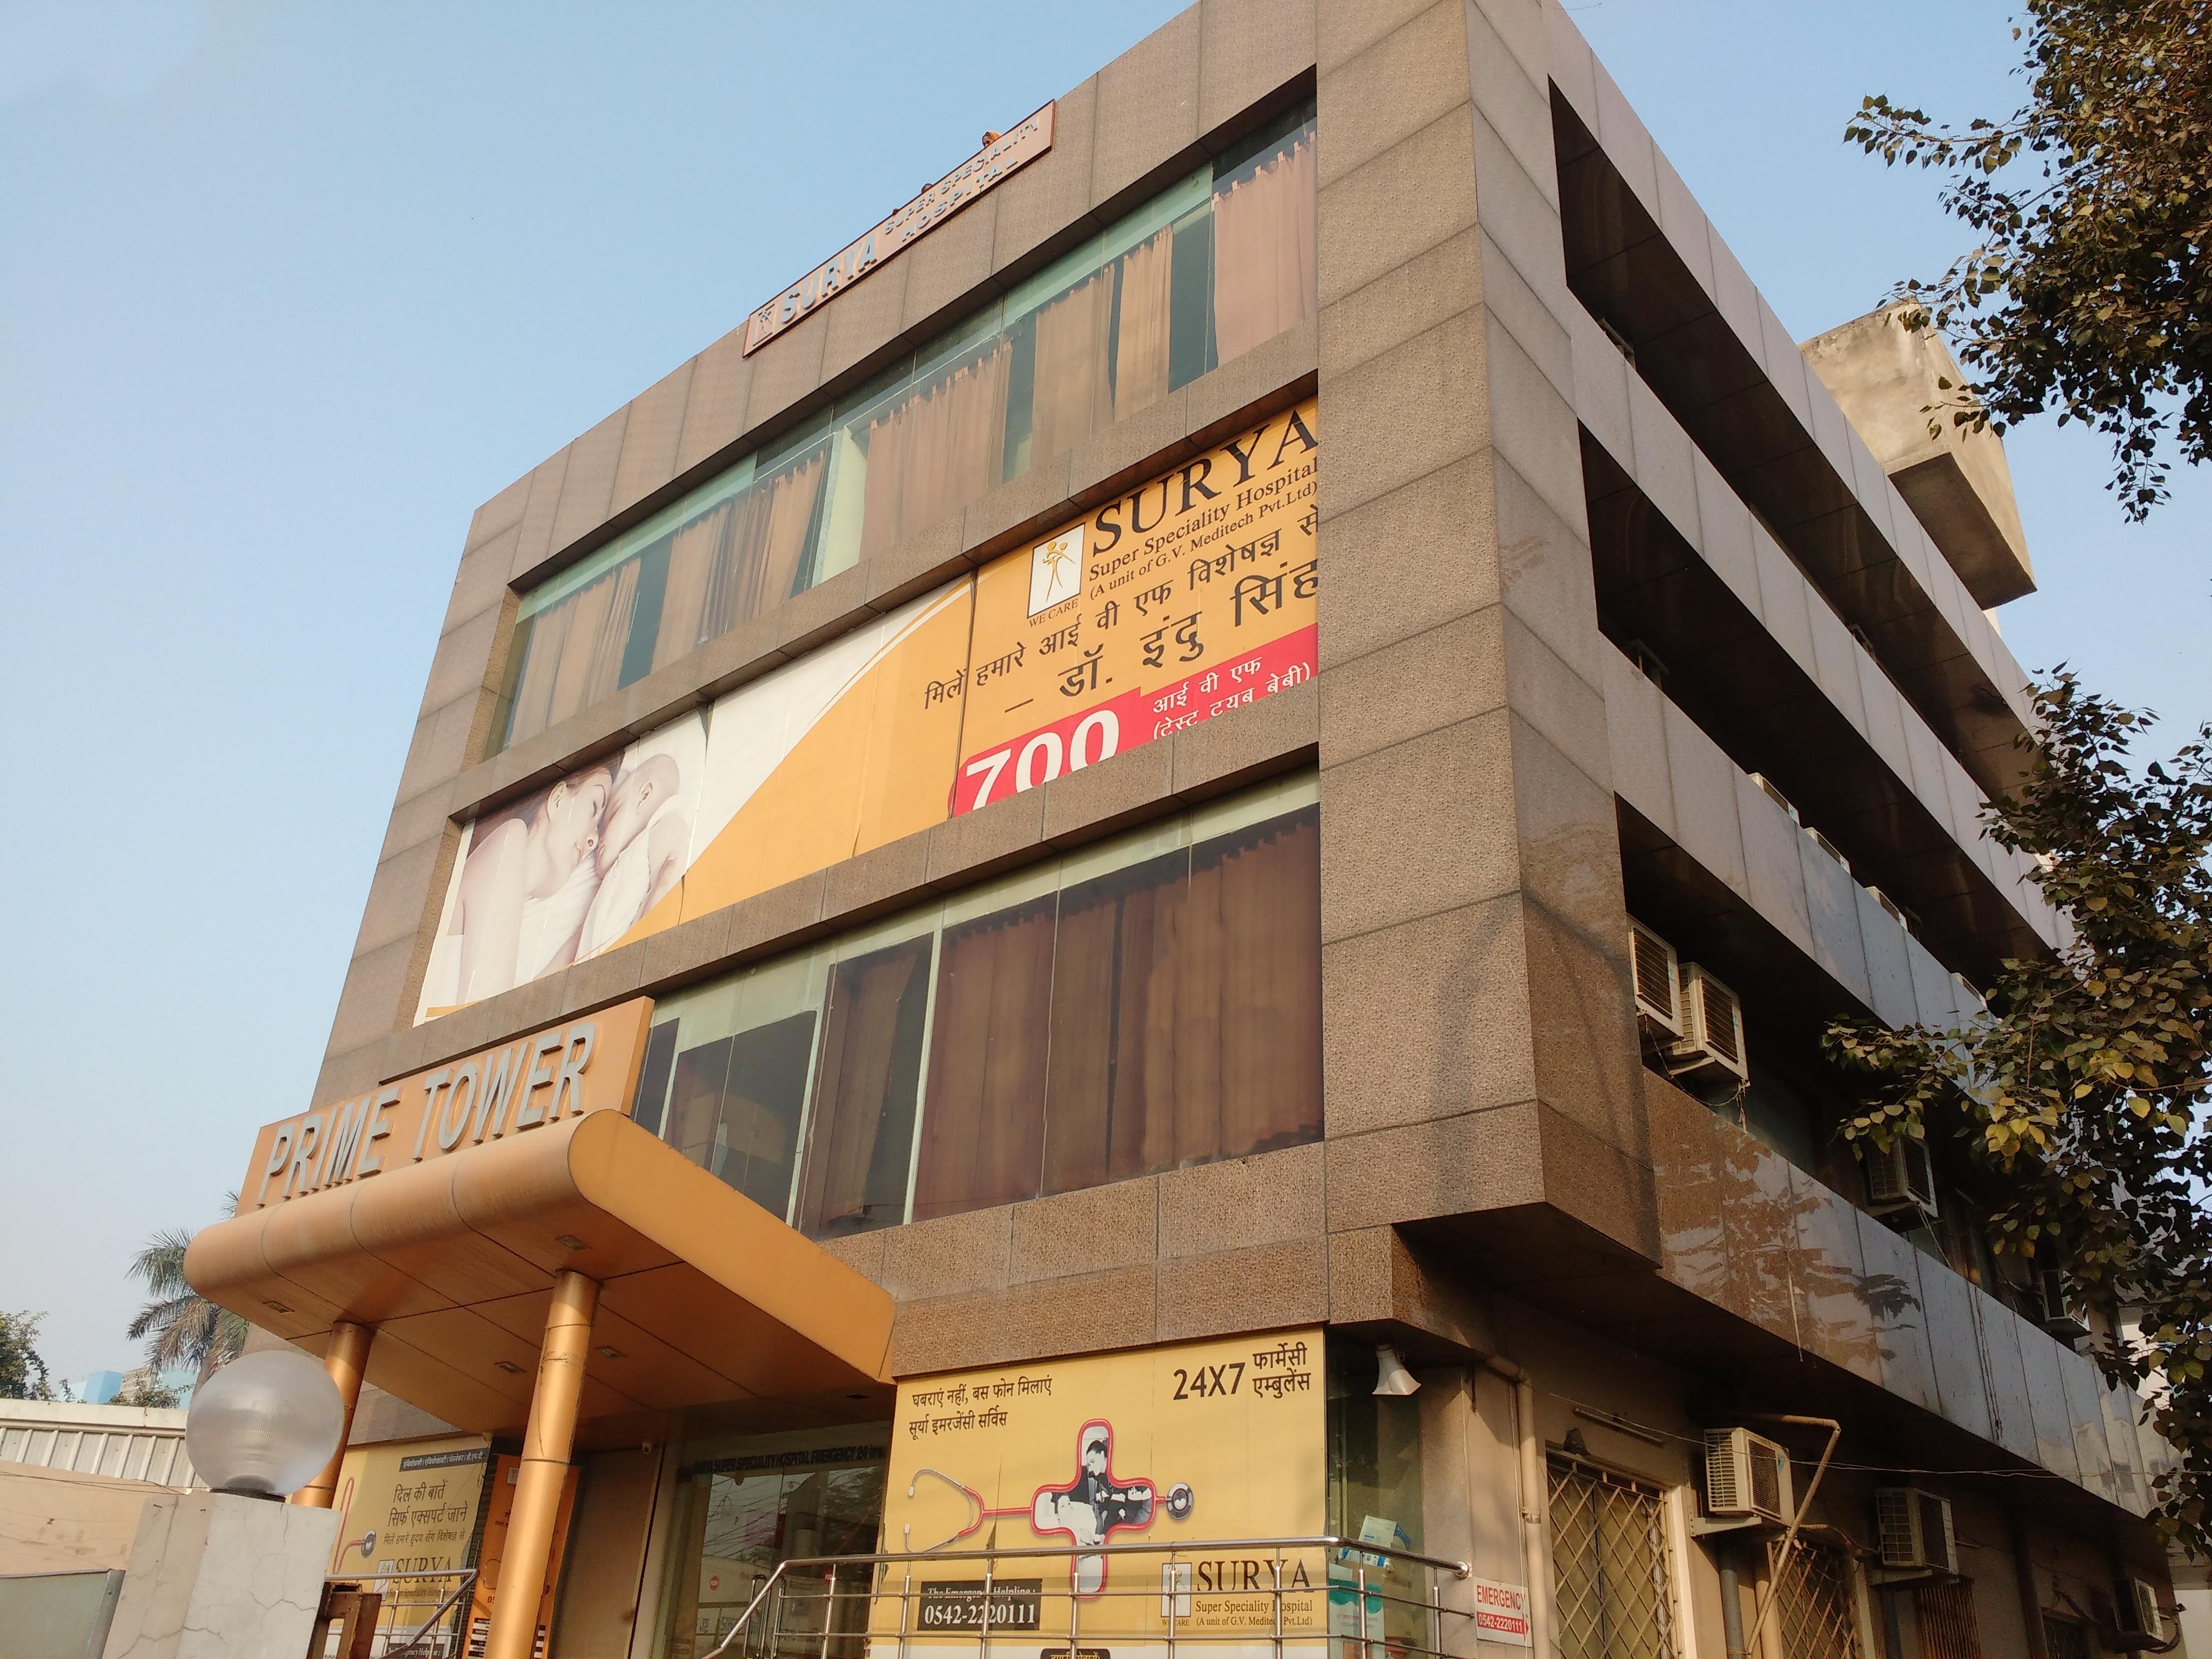 Surya Super Speciality Hospital - IVF Centre in Varanasi